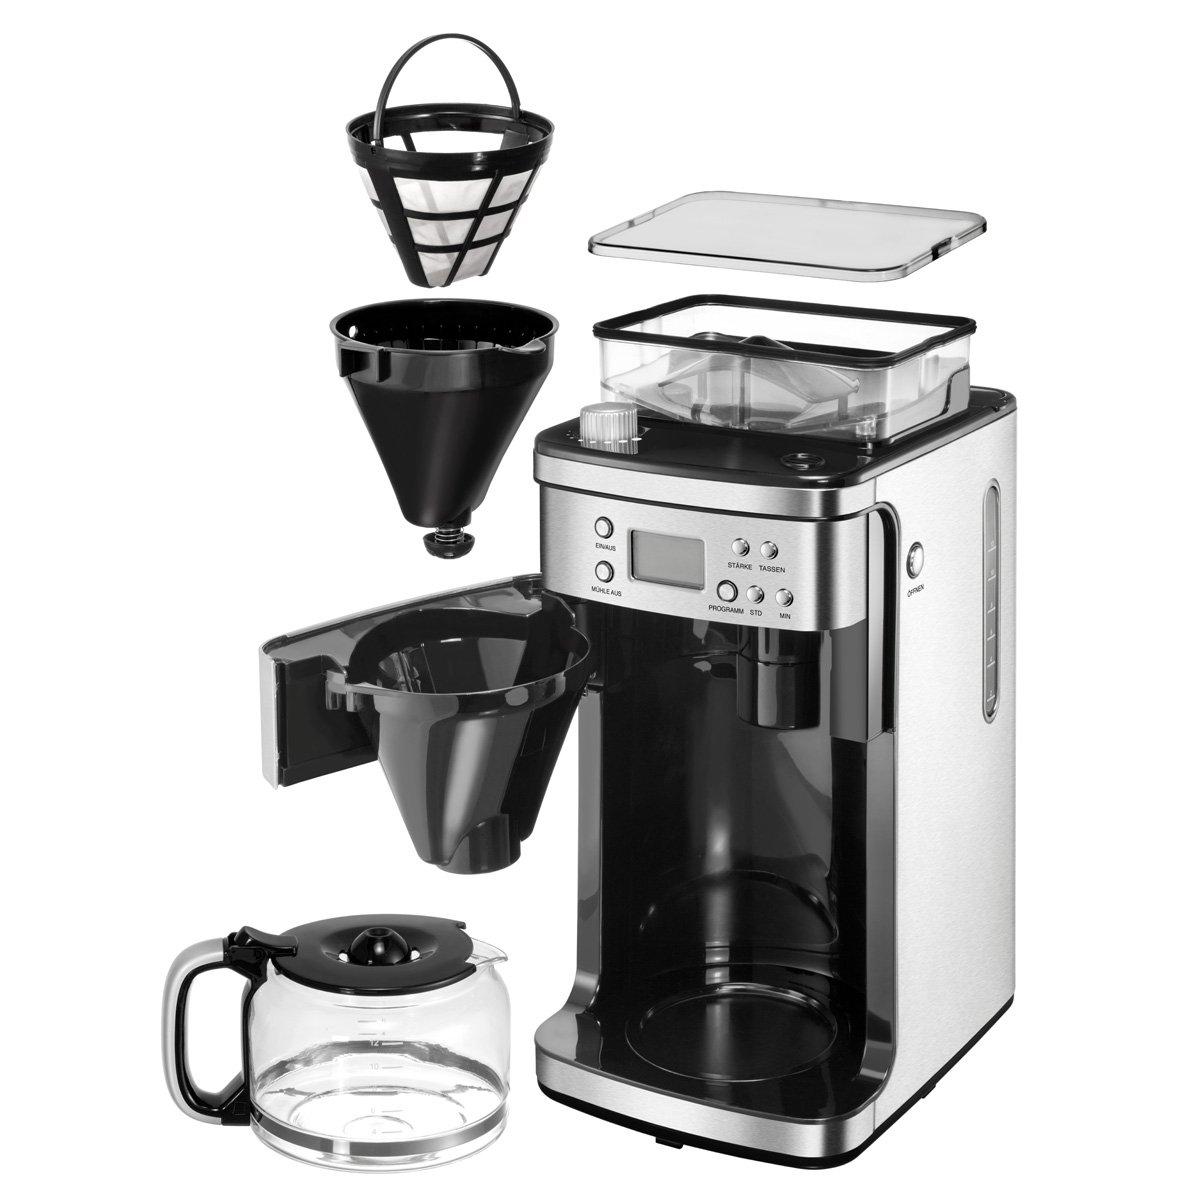 Unold 28736 - Máquina de café con molinillo, 900-1050 W: Amazon.es: Hogar